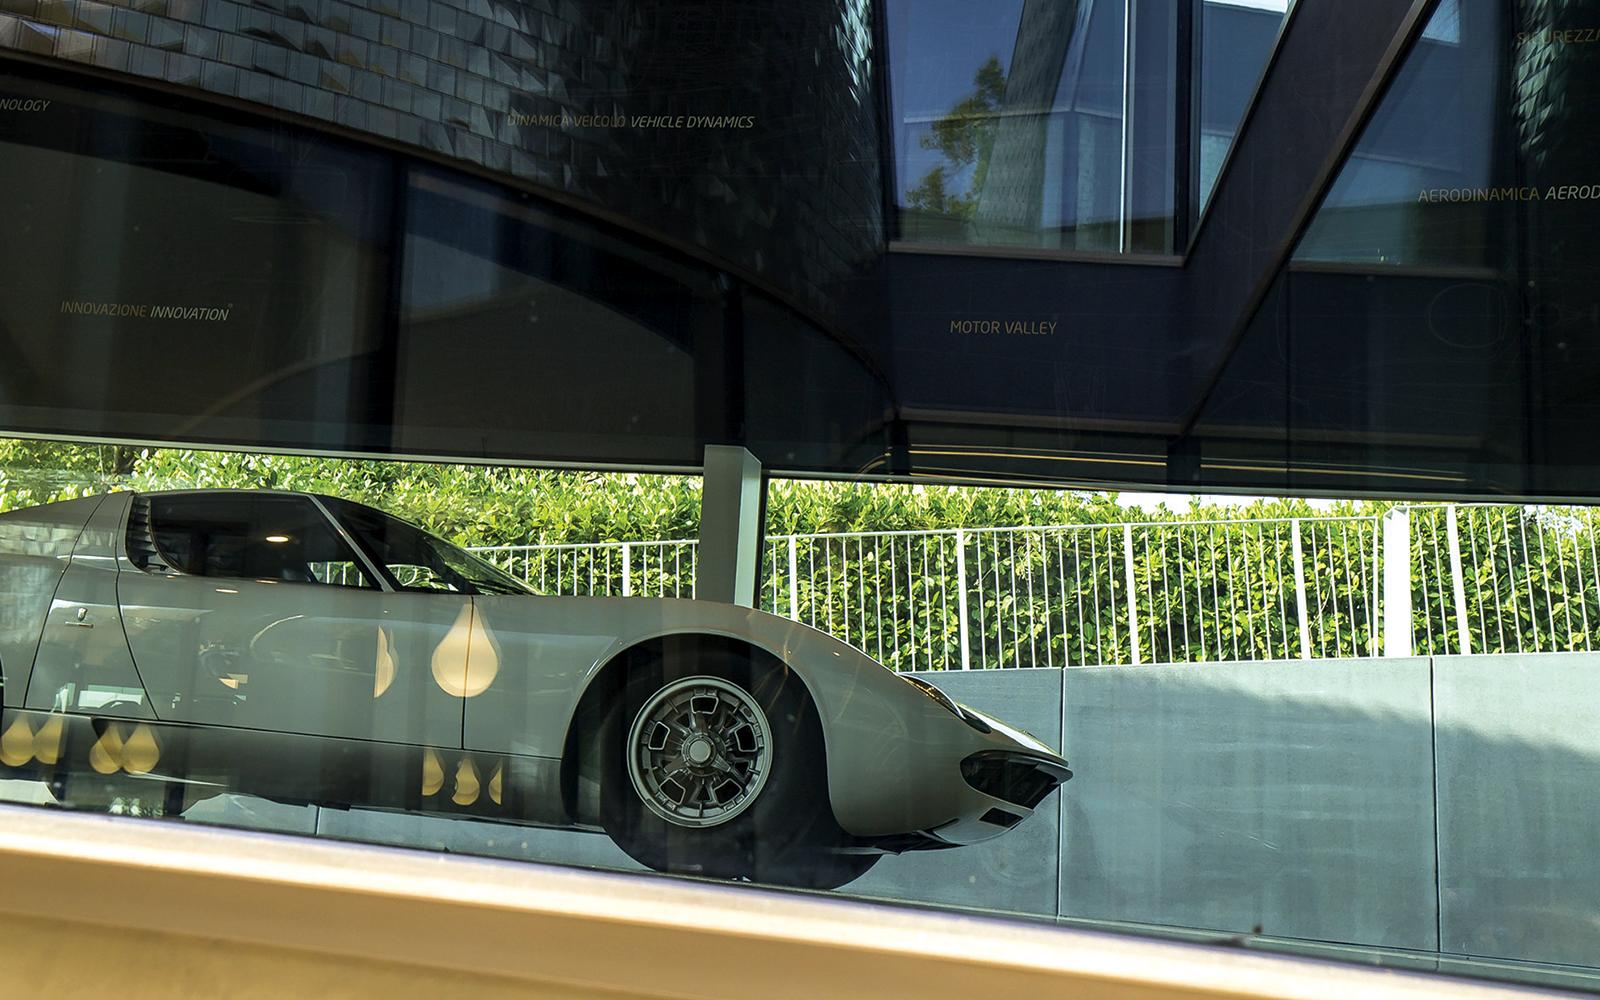 dallara-museo-auto